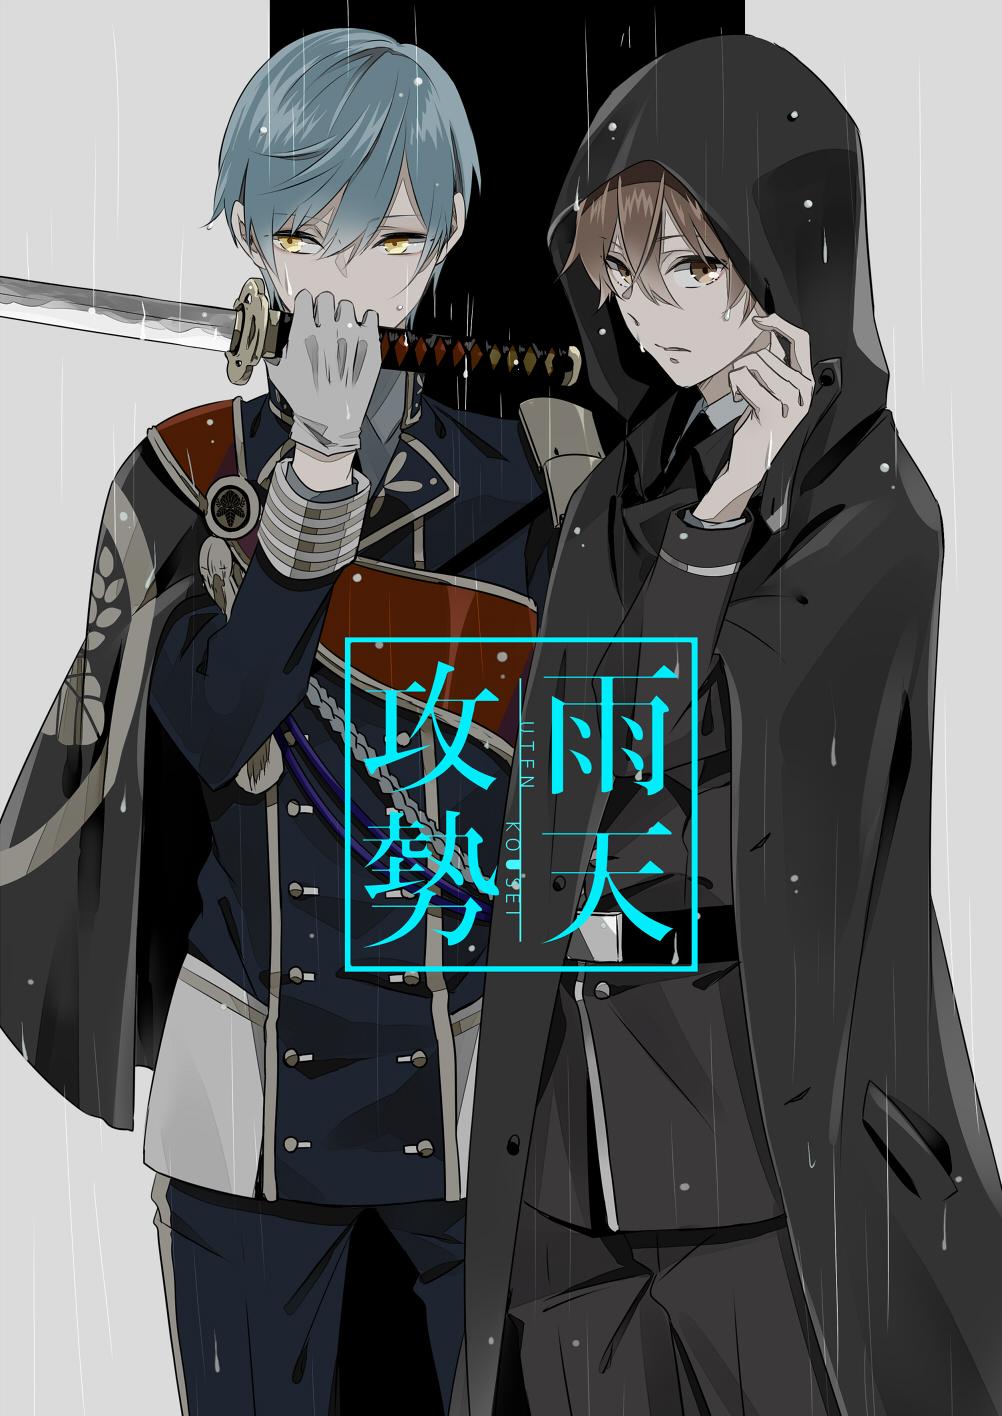 Male Saniwa Touken Ranbu Zerochan Anime Image Board